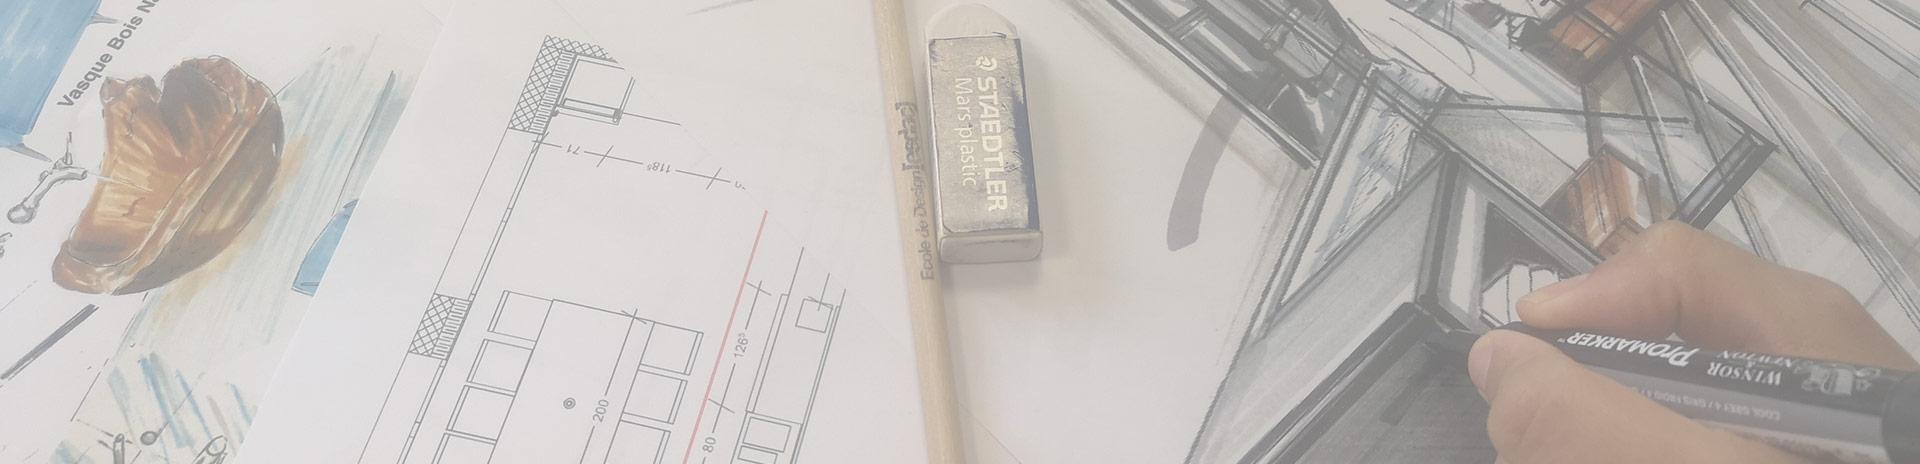 Titres certifié RNCP de niveau 7 Designer Architecte d'Intérieur à l'école de design ESDAC